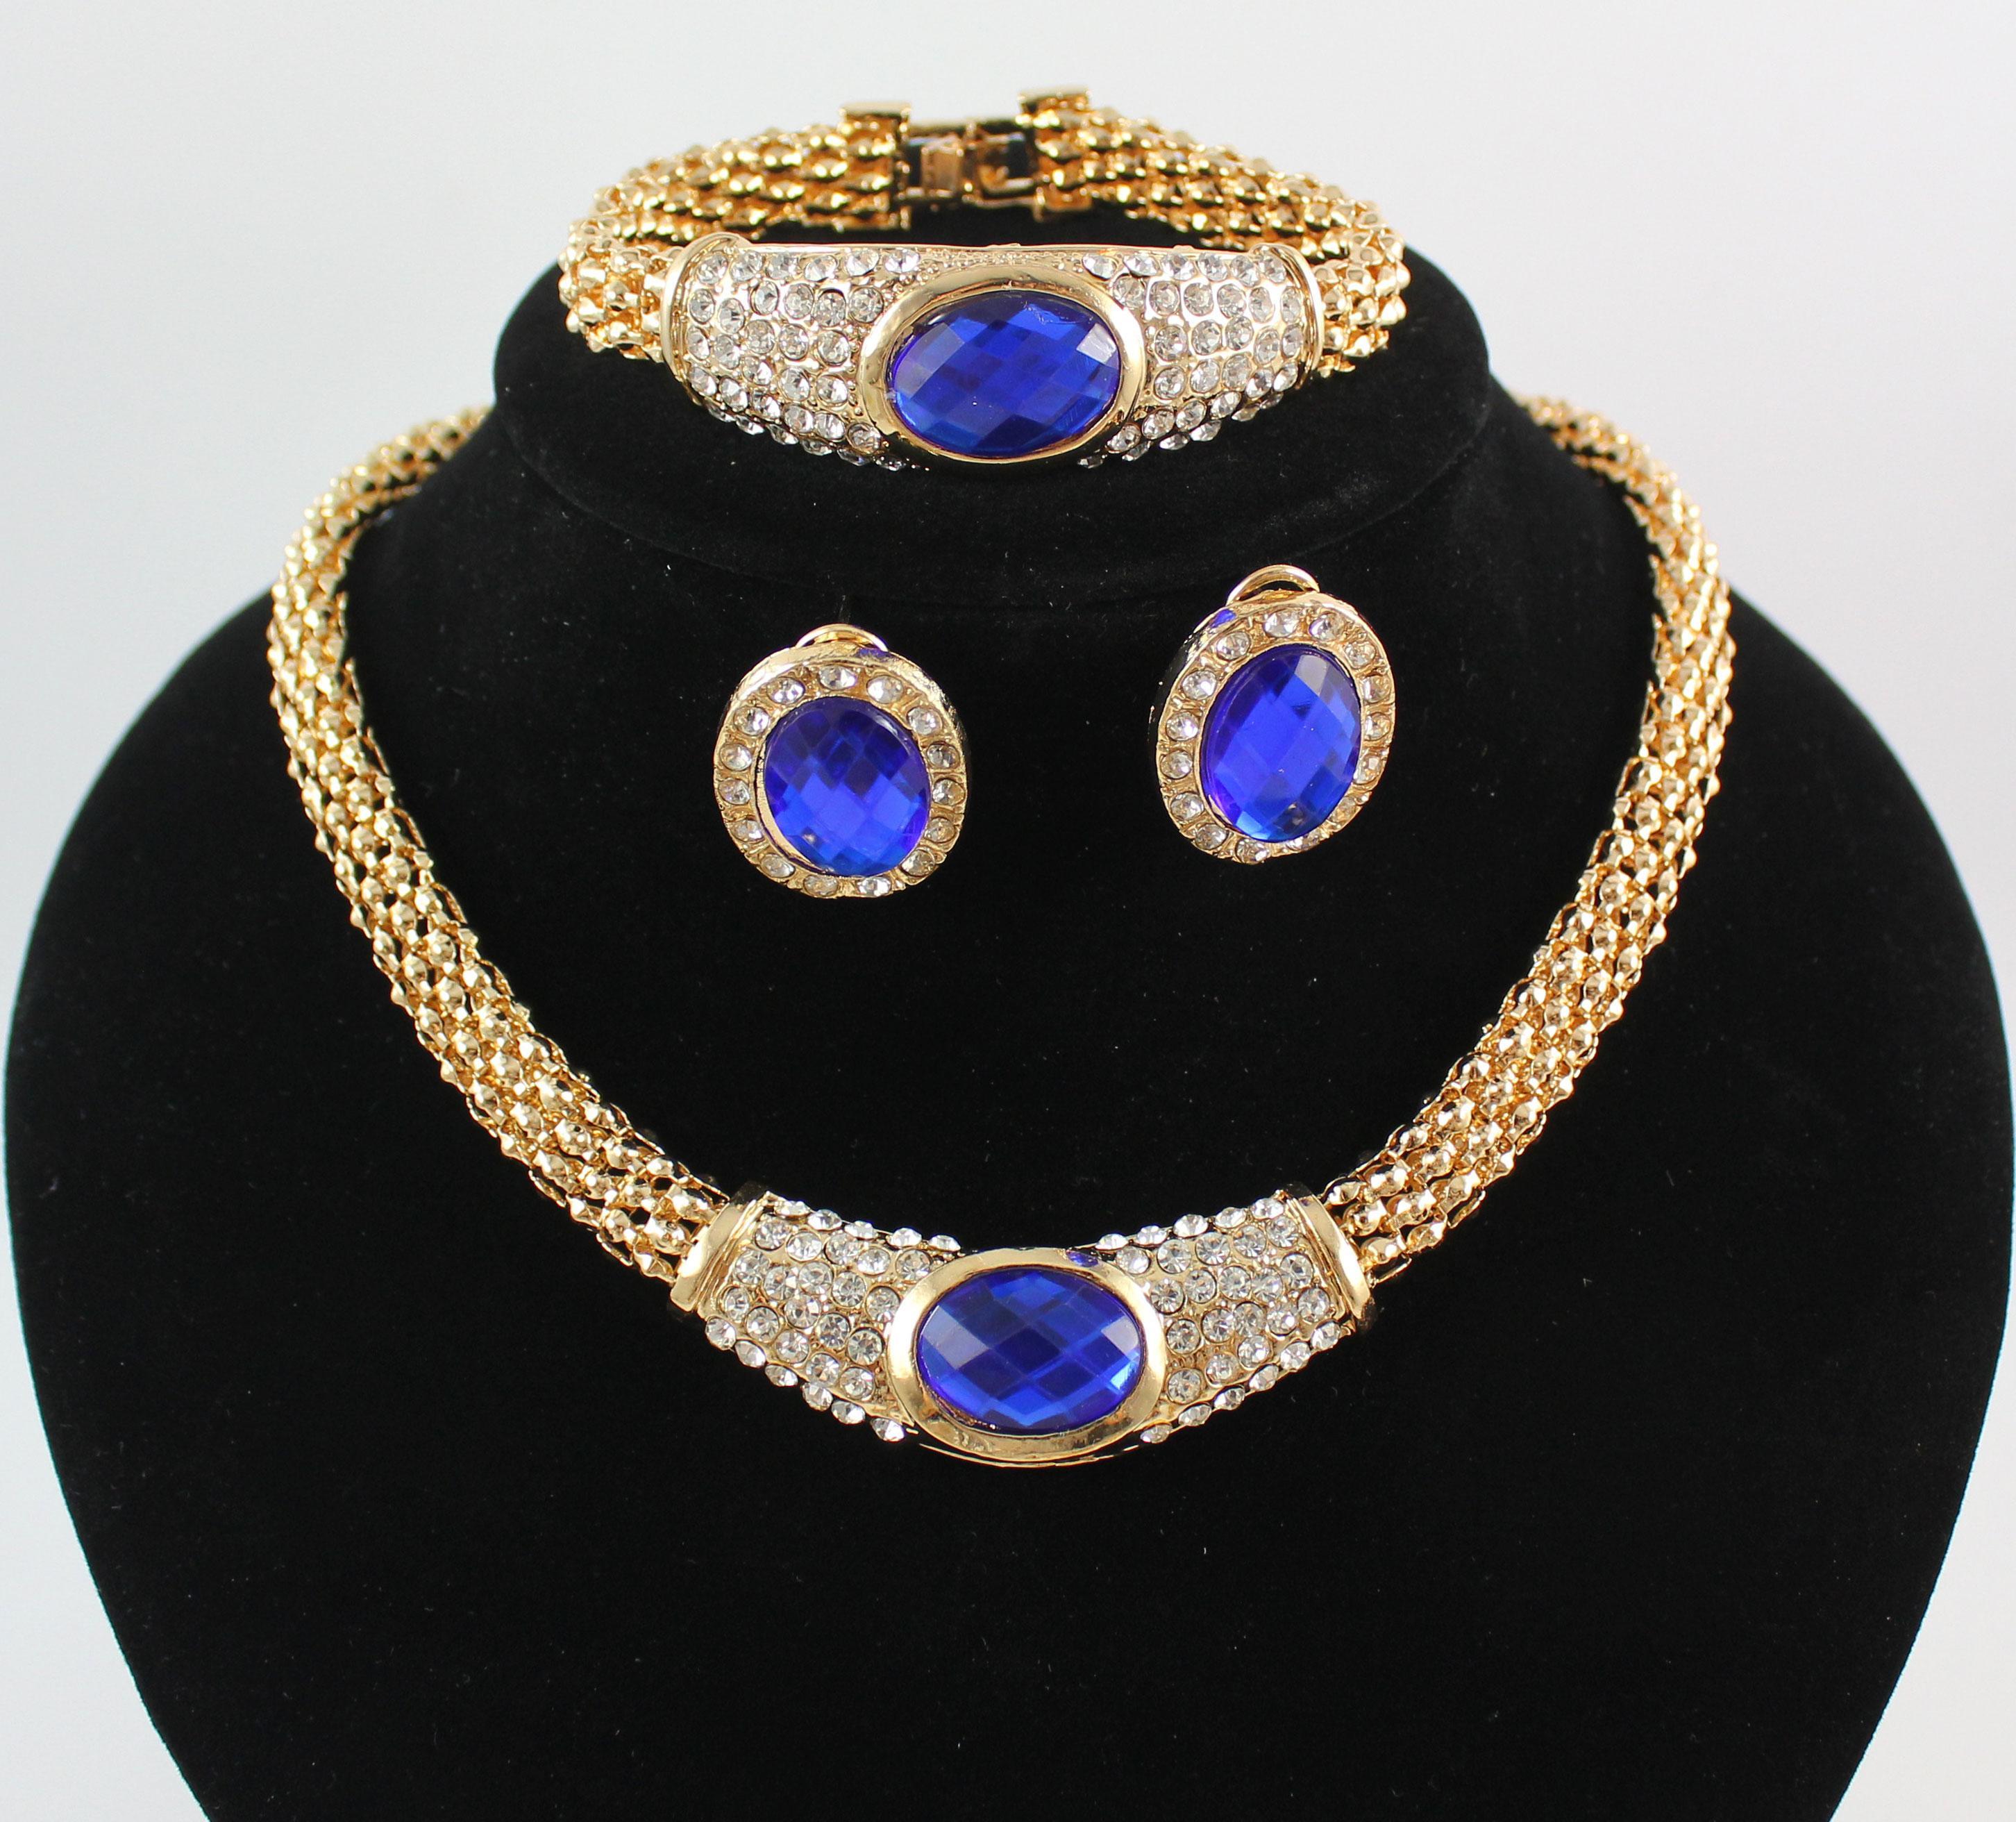 Conjuntos de joyería africana Moda 18 K chapado en oro Cristal Gema Colgante Collar Pendiente de la boda del banquete Set 4 colores elegir